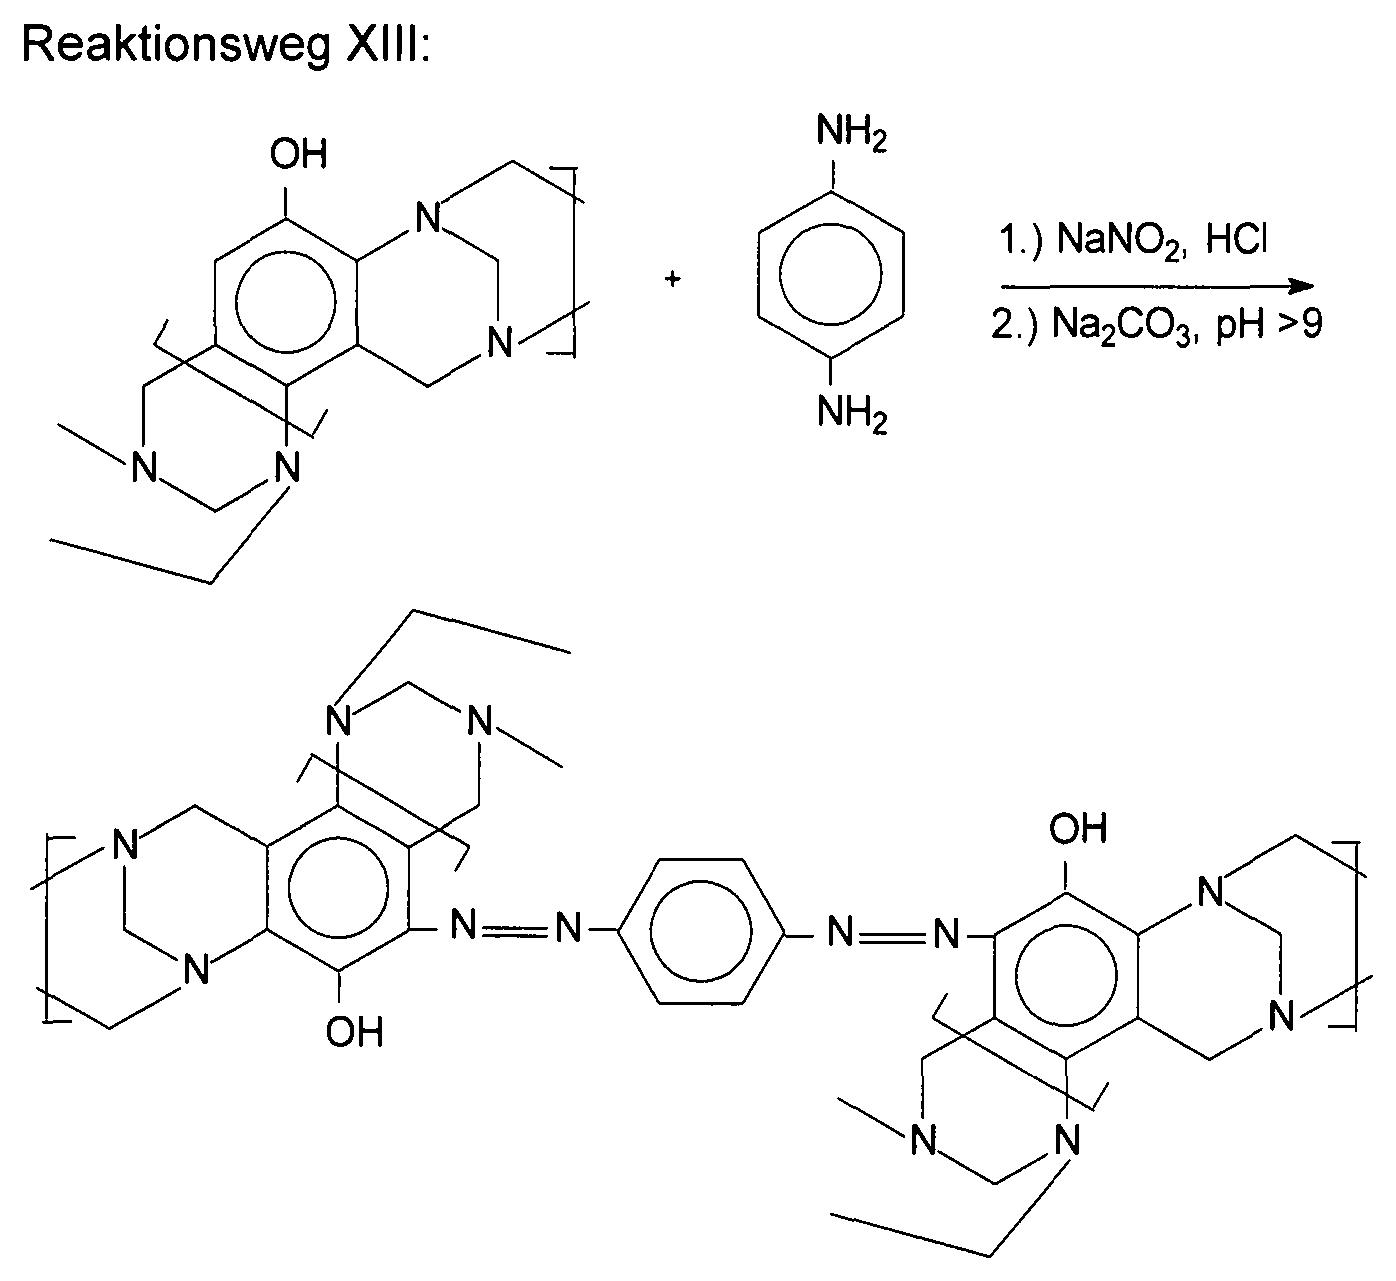 Figure DE112016005378T5_0039